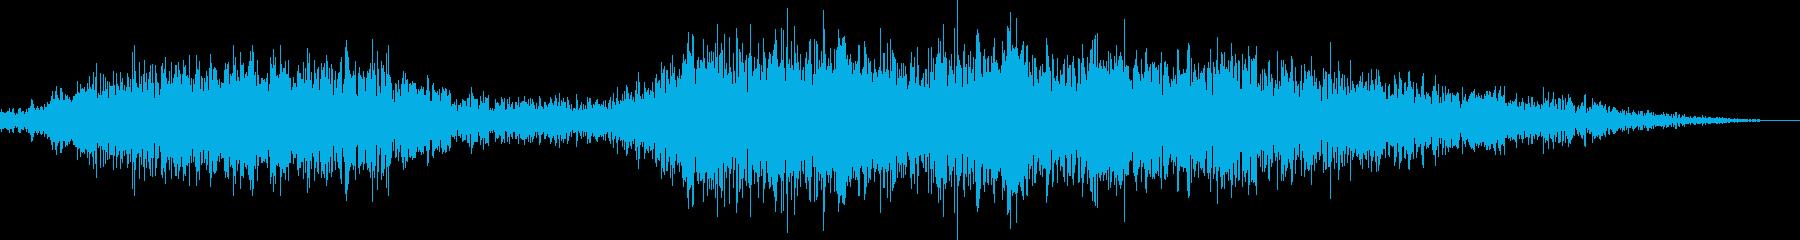 電車の蒸気噴出の再生済みの波形